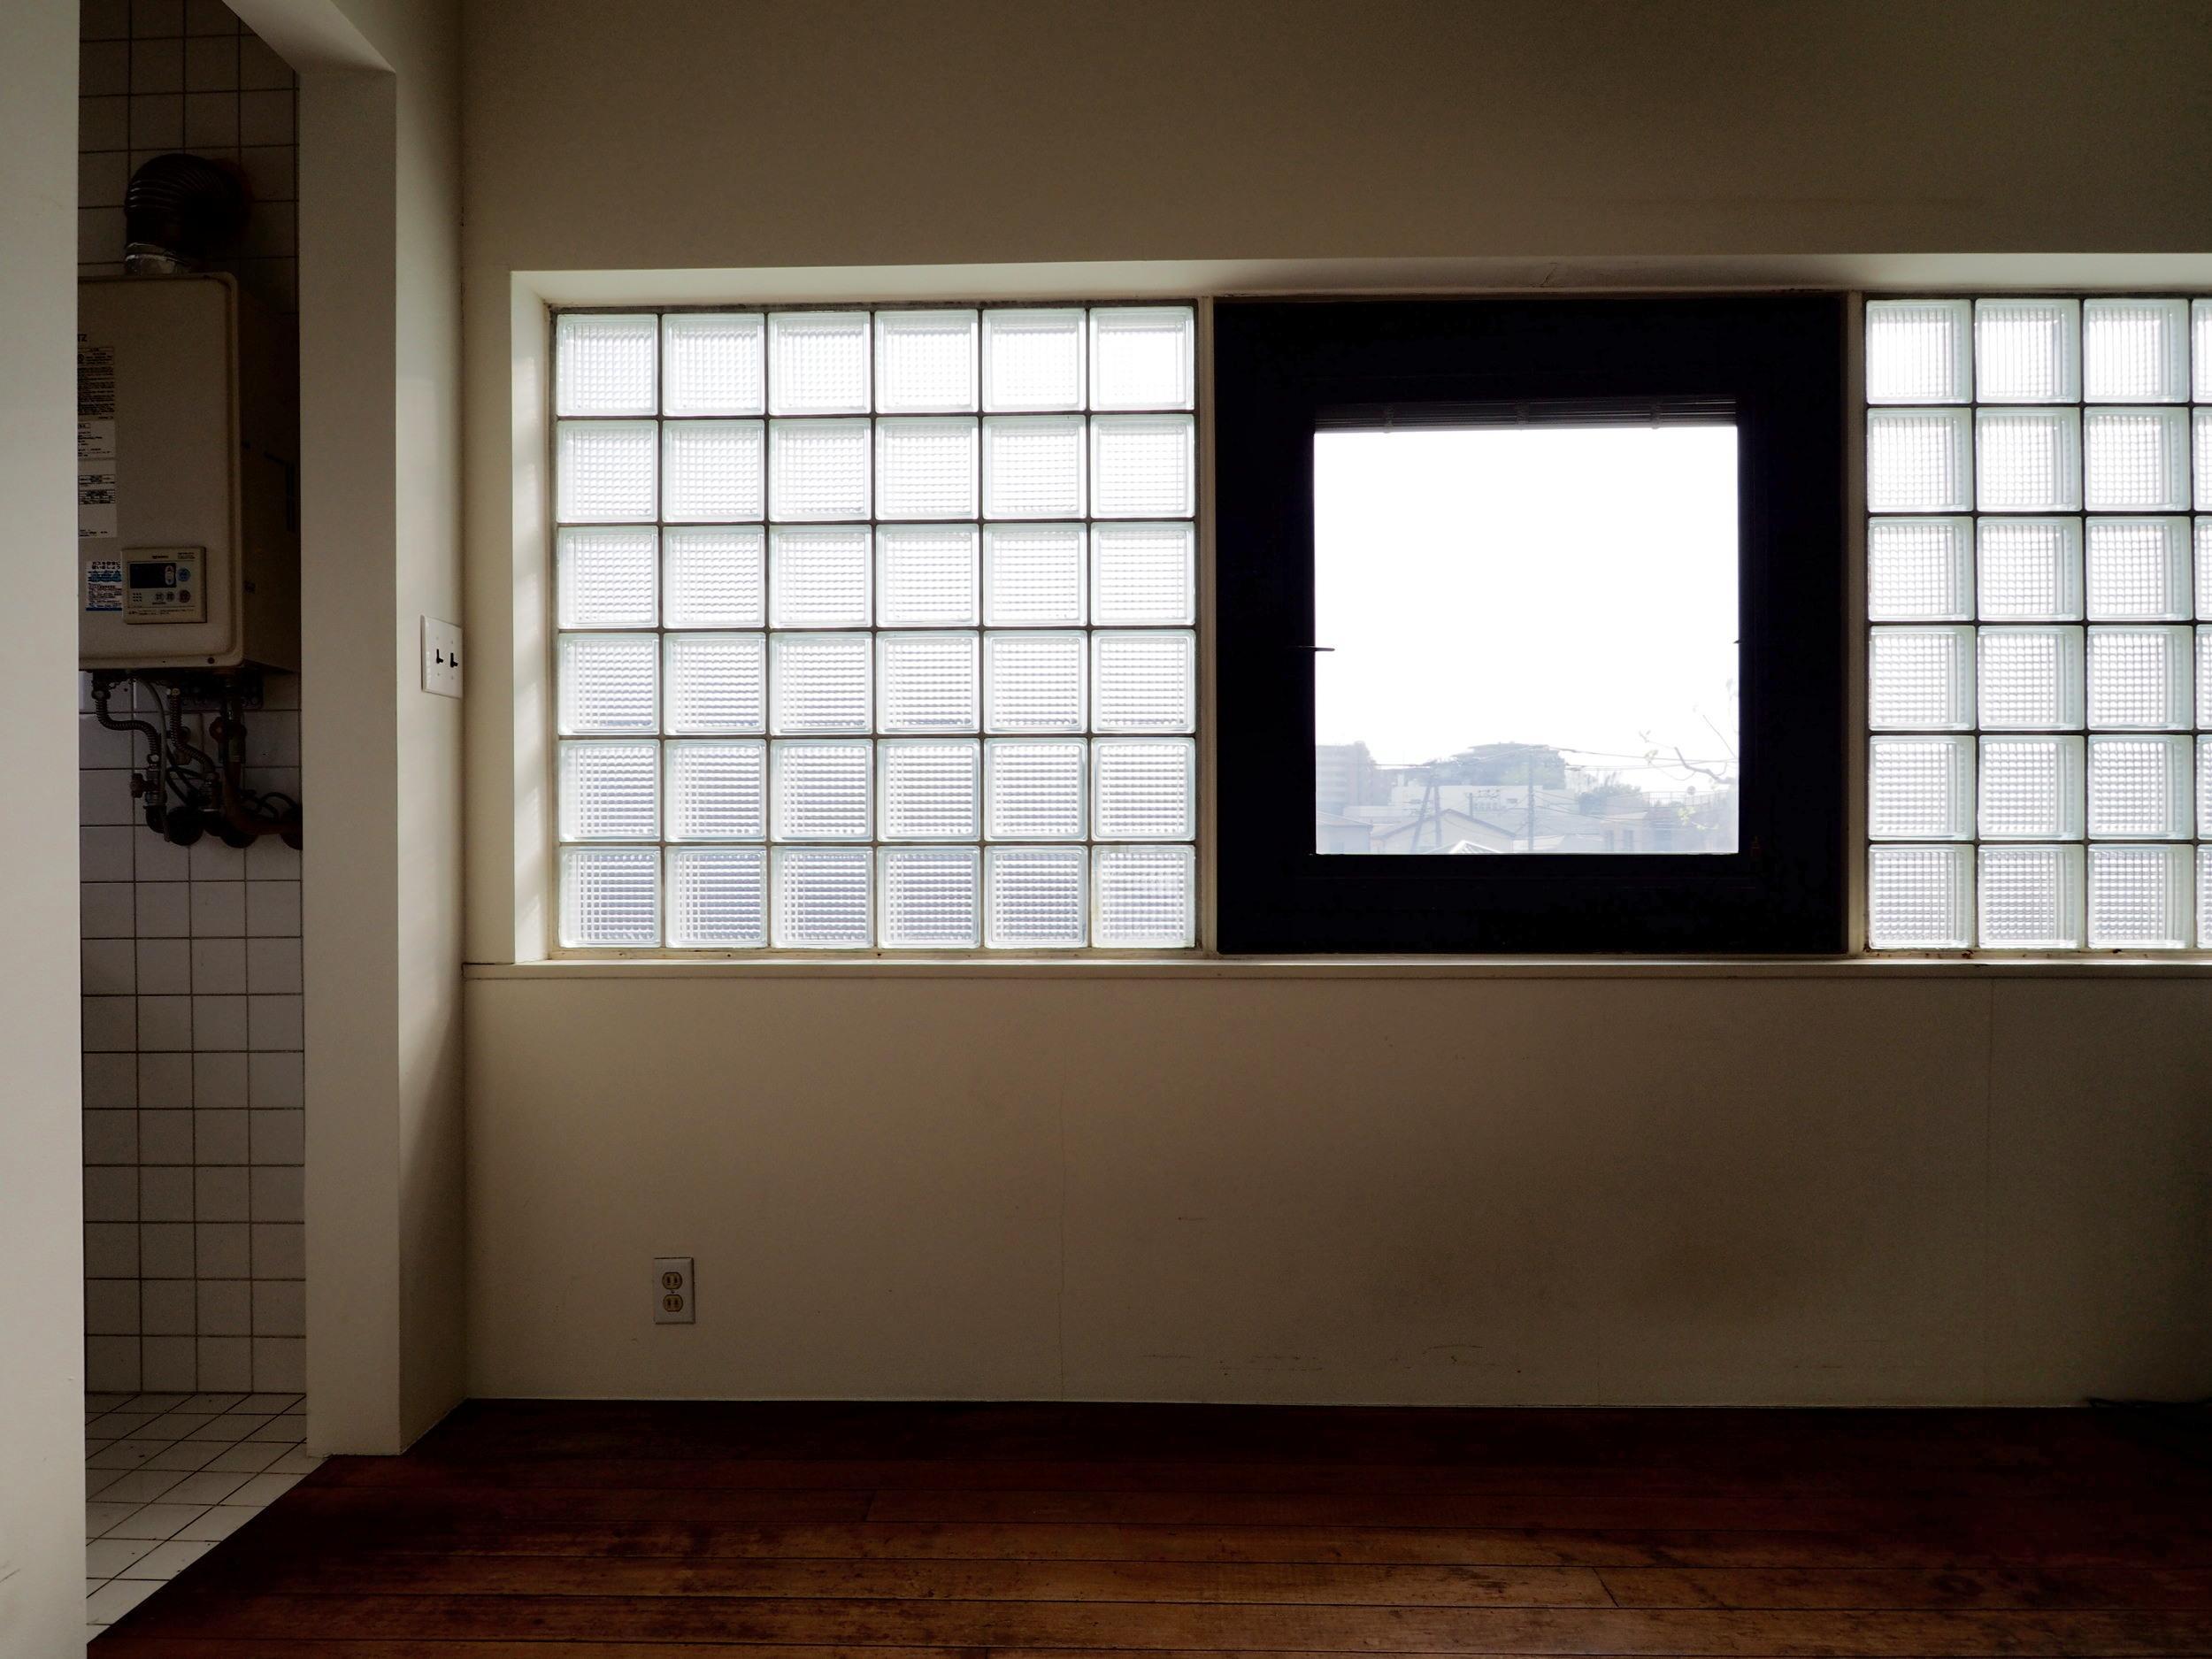 ガラスブロックを使用した大きな窓